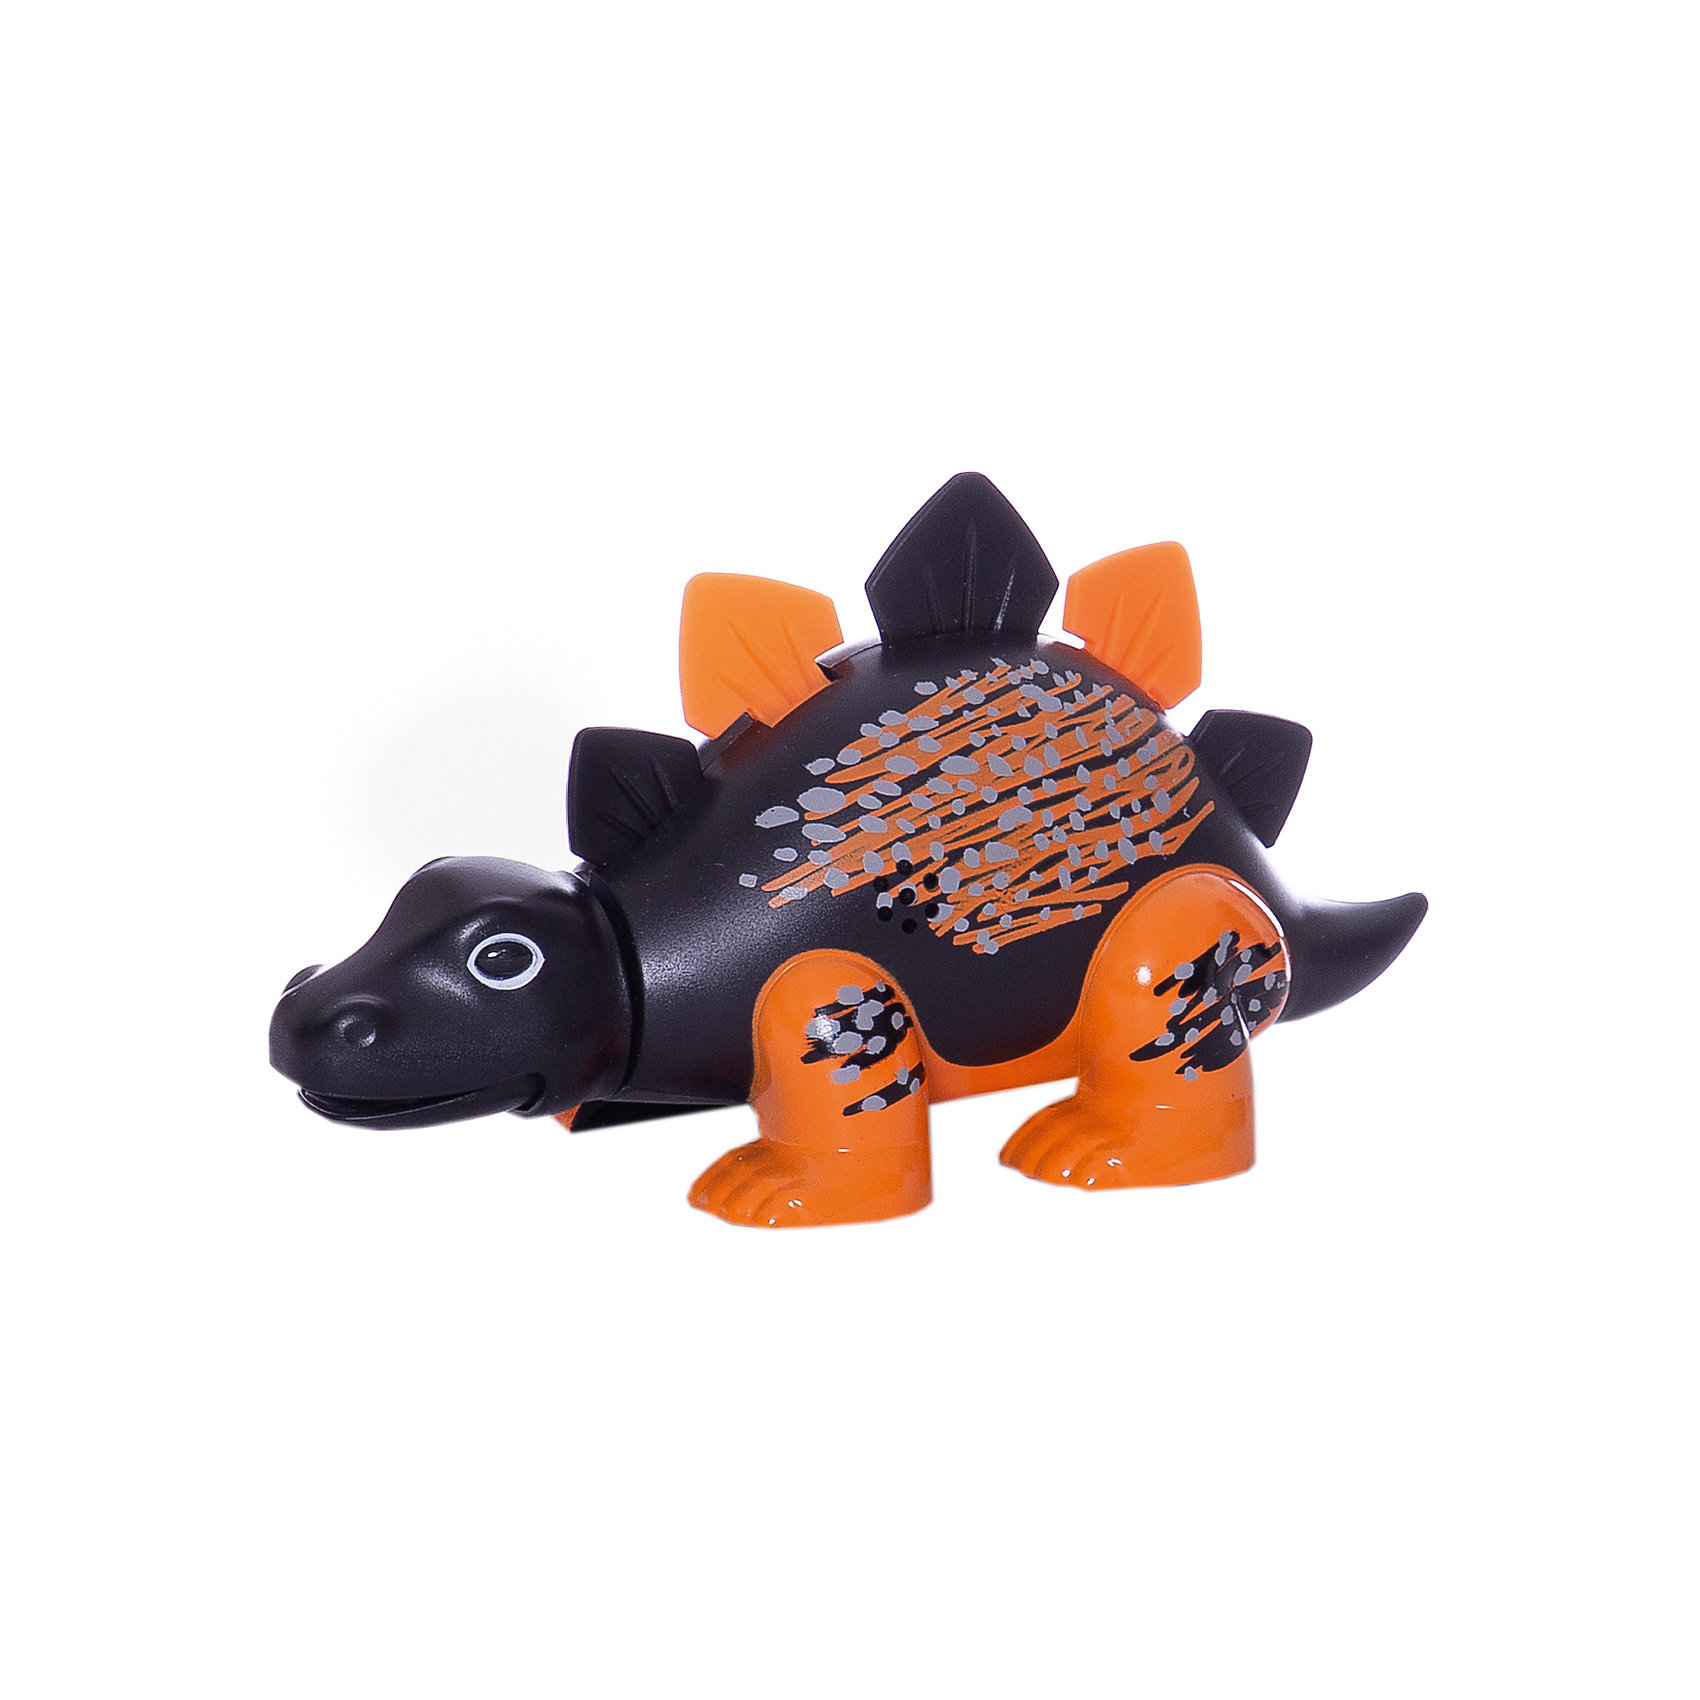 Динозавр Skye, черный с оранжевыми лапами, DigiBirdsХарактеристики товара:<br><br>- цвет: черный с оранжевыми лапами;<br>- материал: пластик, металл;<br>- батарейки: 3xAG13/LR44, в комплекте;<br>- размер упаковки: 16x13x7 см;<br>- габариты игрушки: 6,5x10x15 см;<br>- умеет петь, рычать, шевелить головой и хвостом.<br><br>Такая игрушка в виде динозавра поможет ребенку весело проводить время - динозавр умеет петь, рычать, шевелить головой и хвостом. Это выглядит очень забавно! Игрушка реагирует на звук от специального свистка, который входит в комплект. Также можно приобрести другие игрушки из этой серии - тогда они будут петь хором!<br>Динозавр способен помогать всестороннему развитию ребенка: развивать тактильное восприятие, мелкую моторику, воображение, внимание и логику. Изделие произведено из качественных материалов, безопасных для ребенка. Набор станет отличным подарком детям!<br><br>Динозавр Skye, черный с оранжевыми лапами, от бренда DigiBirds можно купить в нашем интернет-магазине.<br><br>Ширина мм: 115<br>Глубина мм: 15<br>Высота мм: 62<br>Вес г: 128<br>Возраст от месяцев: 36<br>Возраст до месяцев: 84<br>Пол: Унисекс<br>Возраст: Детский<br>SKU: 5138202